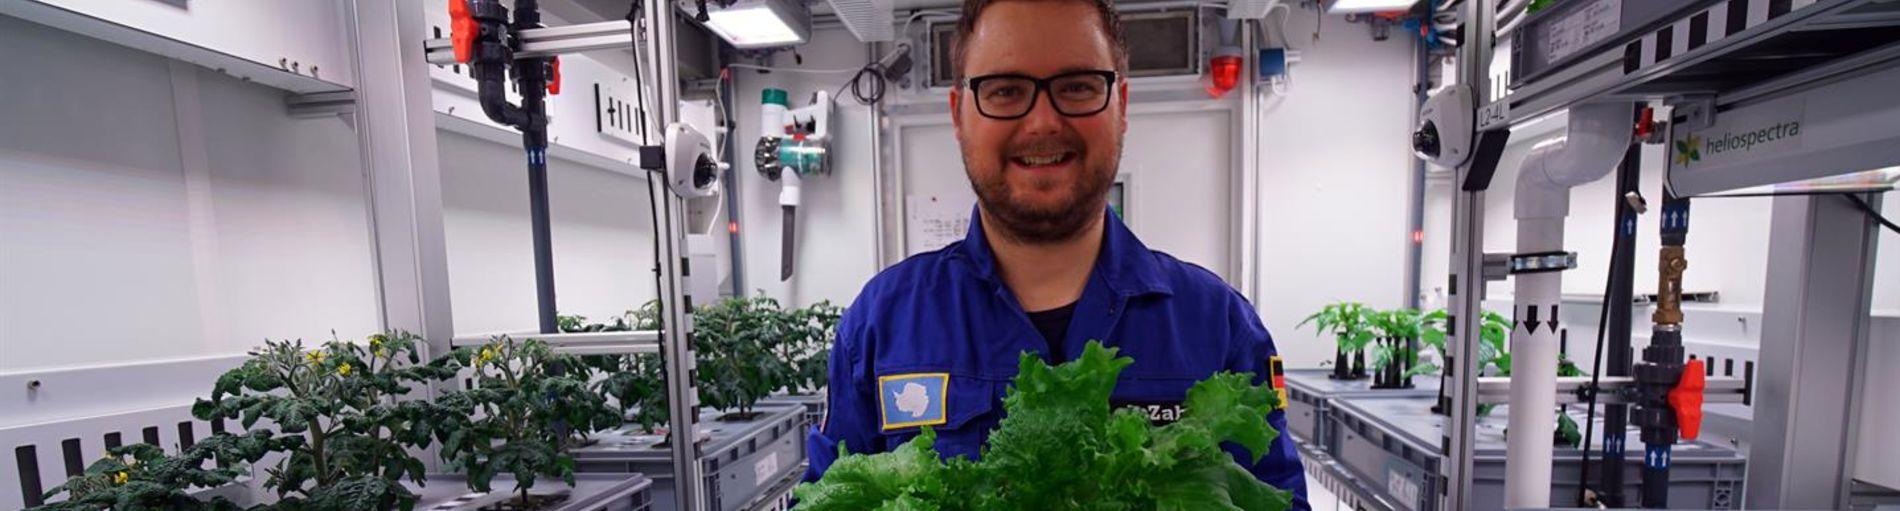 Ein Mann, der Salat in der Hand hält und in einem Labor steht.